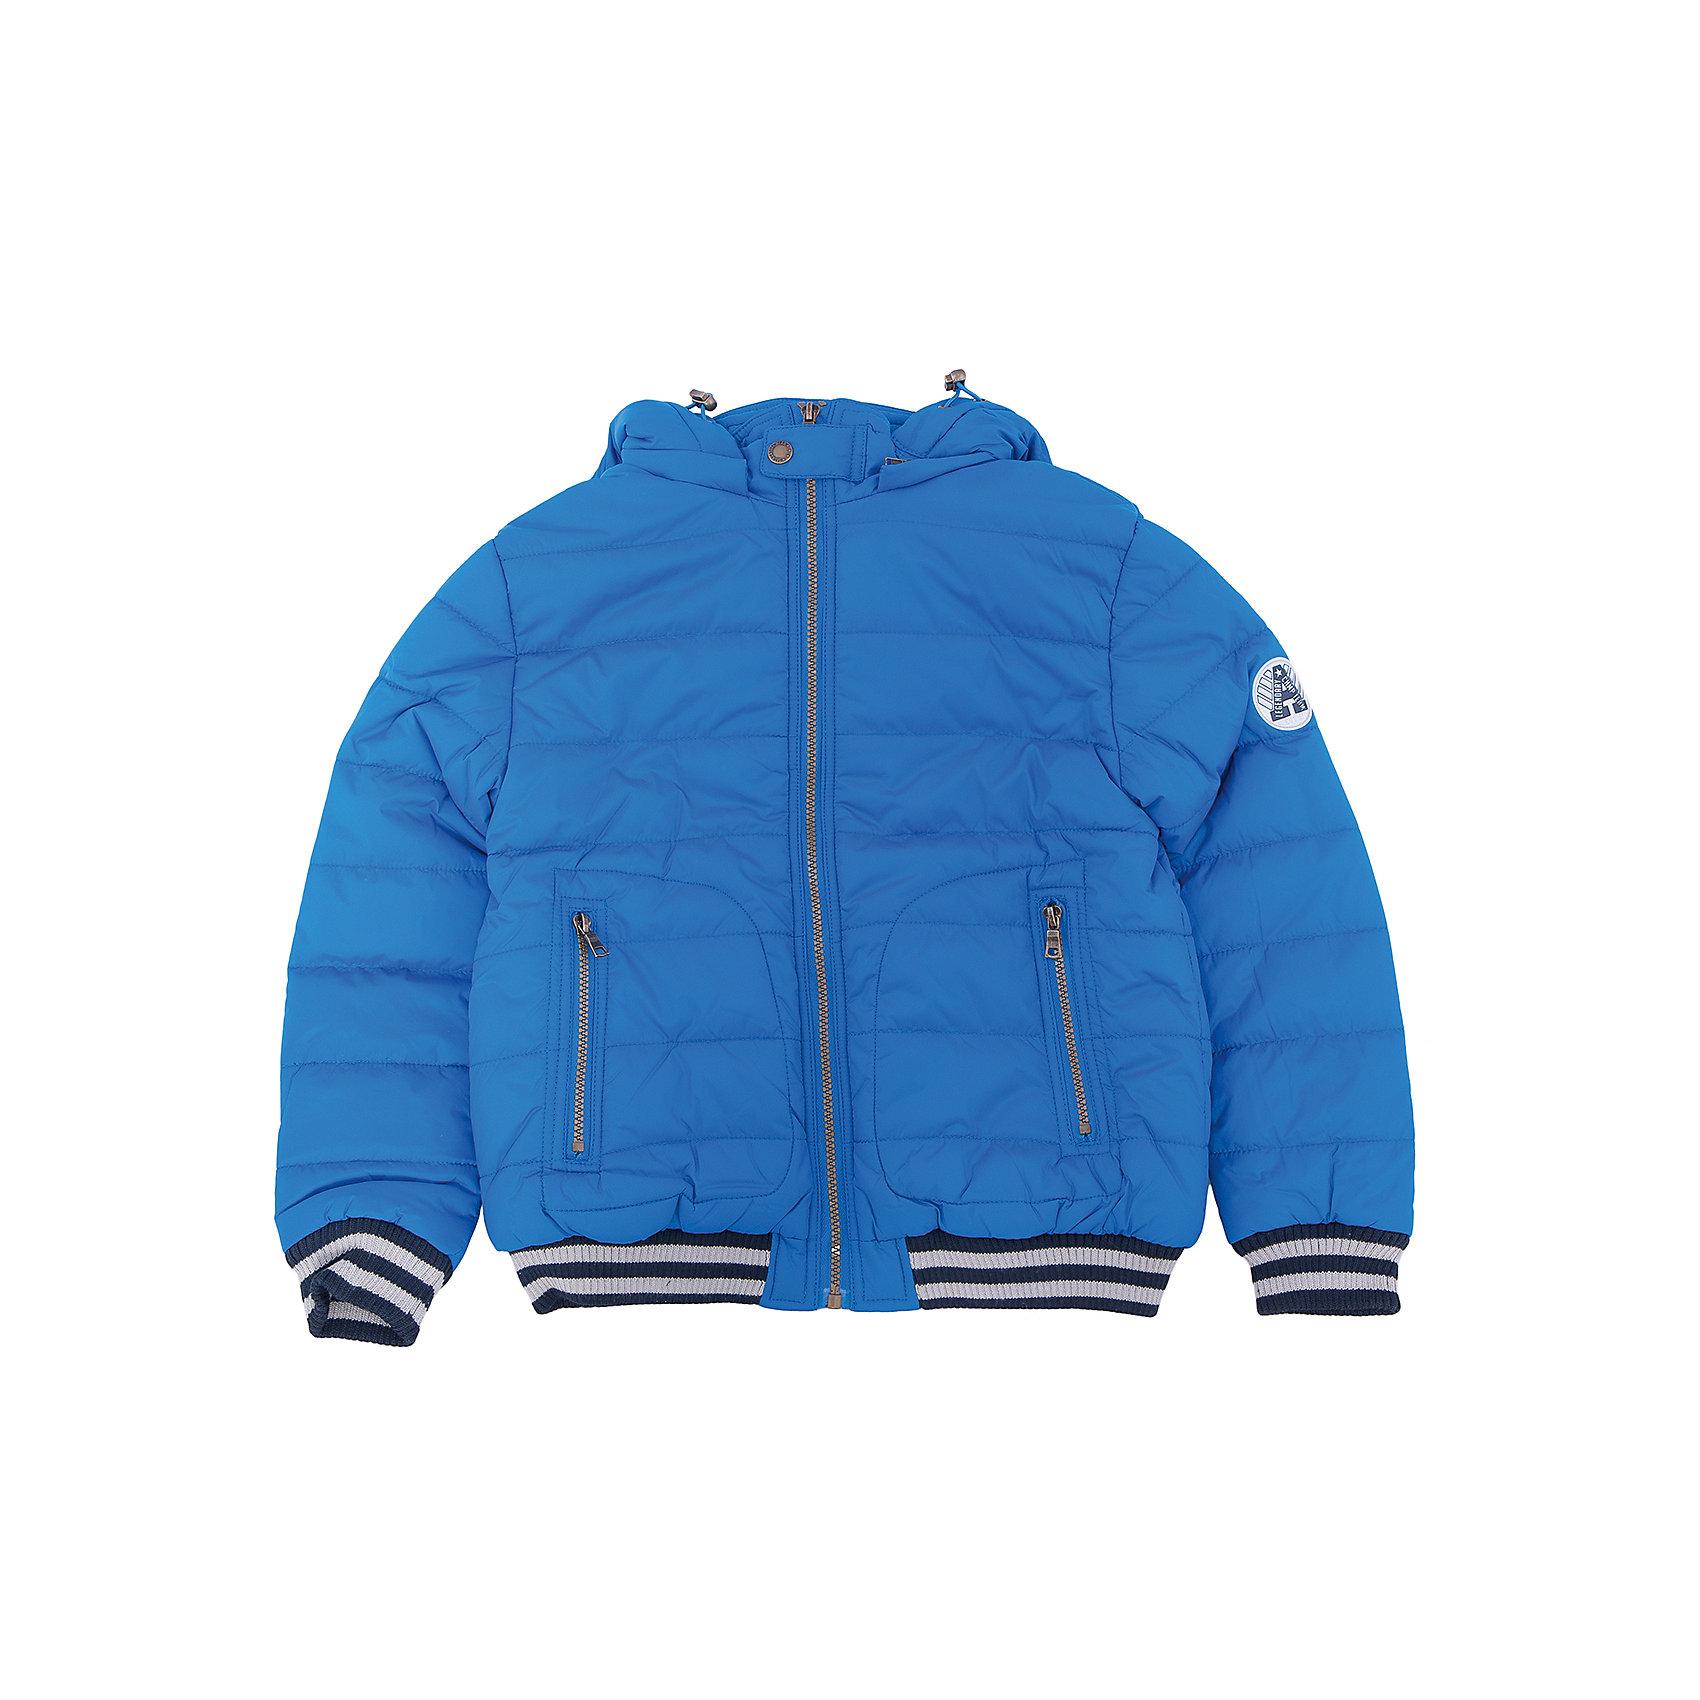 Куртка для мальчика SELAВерхняя Детская одежда от SELA - это качество и отличные цены. Куртка для мальчика из новой коллекции сделает образ ребенка стильным и не позволит замерзнуть осенью. Яркие цвета модели не теряют сочность со временем. Куртка застегивается на молнию, что понравится любому ребенку. <br>Модель имеет резинки на рукавах и на подоле, которые отлично защищают от ветра и придают «изюминку» изделию.<br>Все материалы, использованные в создании изделия,  отвечают современным требованиям по качеству и безопасности продукции. <br><br>Дополнительная информация:<br><br>цвет: кобальт;<br>состав: 100% нейлон, подкладка - 65% хлопок, 35% ПЭ, утеплитель - 100% ПЭ;<br>длина до бедер;<br>силуэт прямой;<br>капюшон отстегивающийся.<br><br>Куртку для мальчика от компании SELA можно купить в нашем магазине.<br><br>Ширина мм: 356<br>Глубина мм: 10<br>Высота мм: 245<br>Вес г: 519<br>Цвет: синий<br>Возраст от месяцев: 60<br>Возраст до месяцев: 72<br>Пол: Мужской<br>Возраст: Детский<br>Размер: 116,152,140,128<br>SKU: 4912989